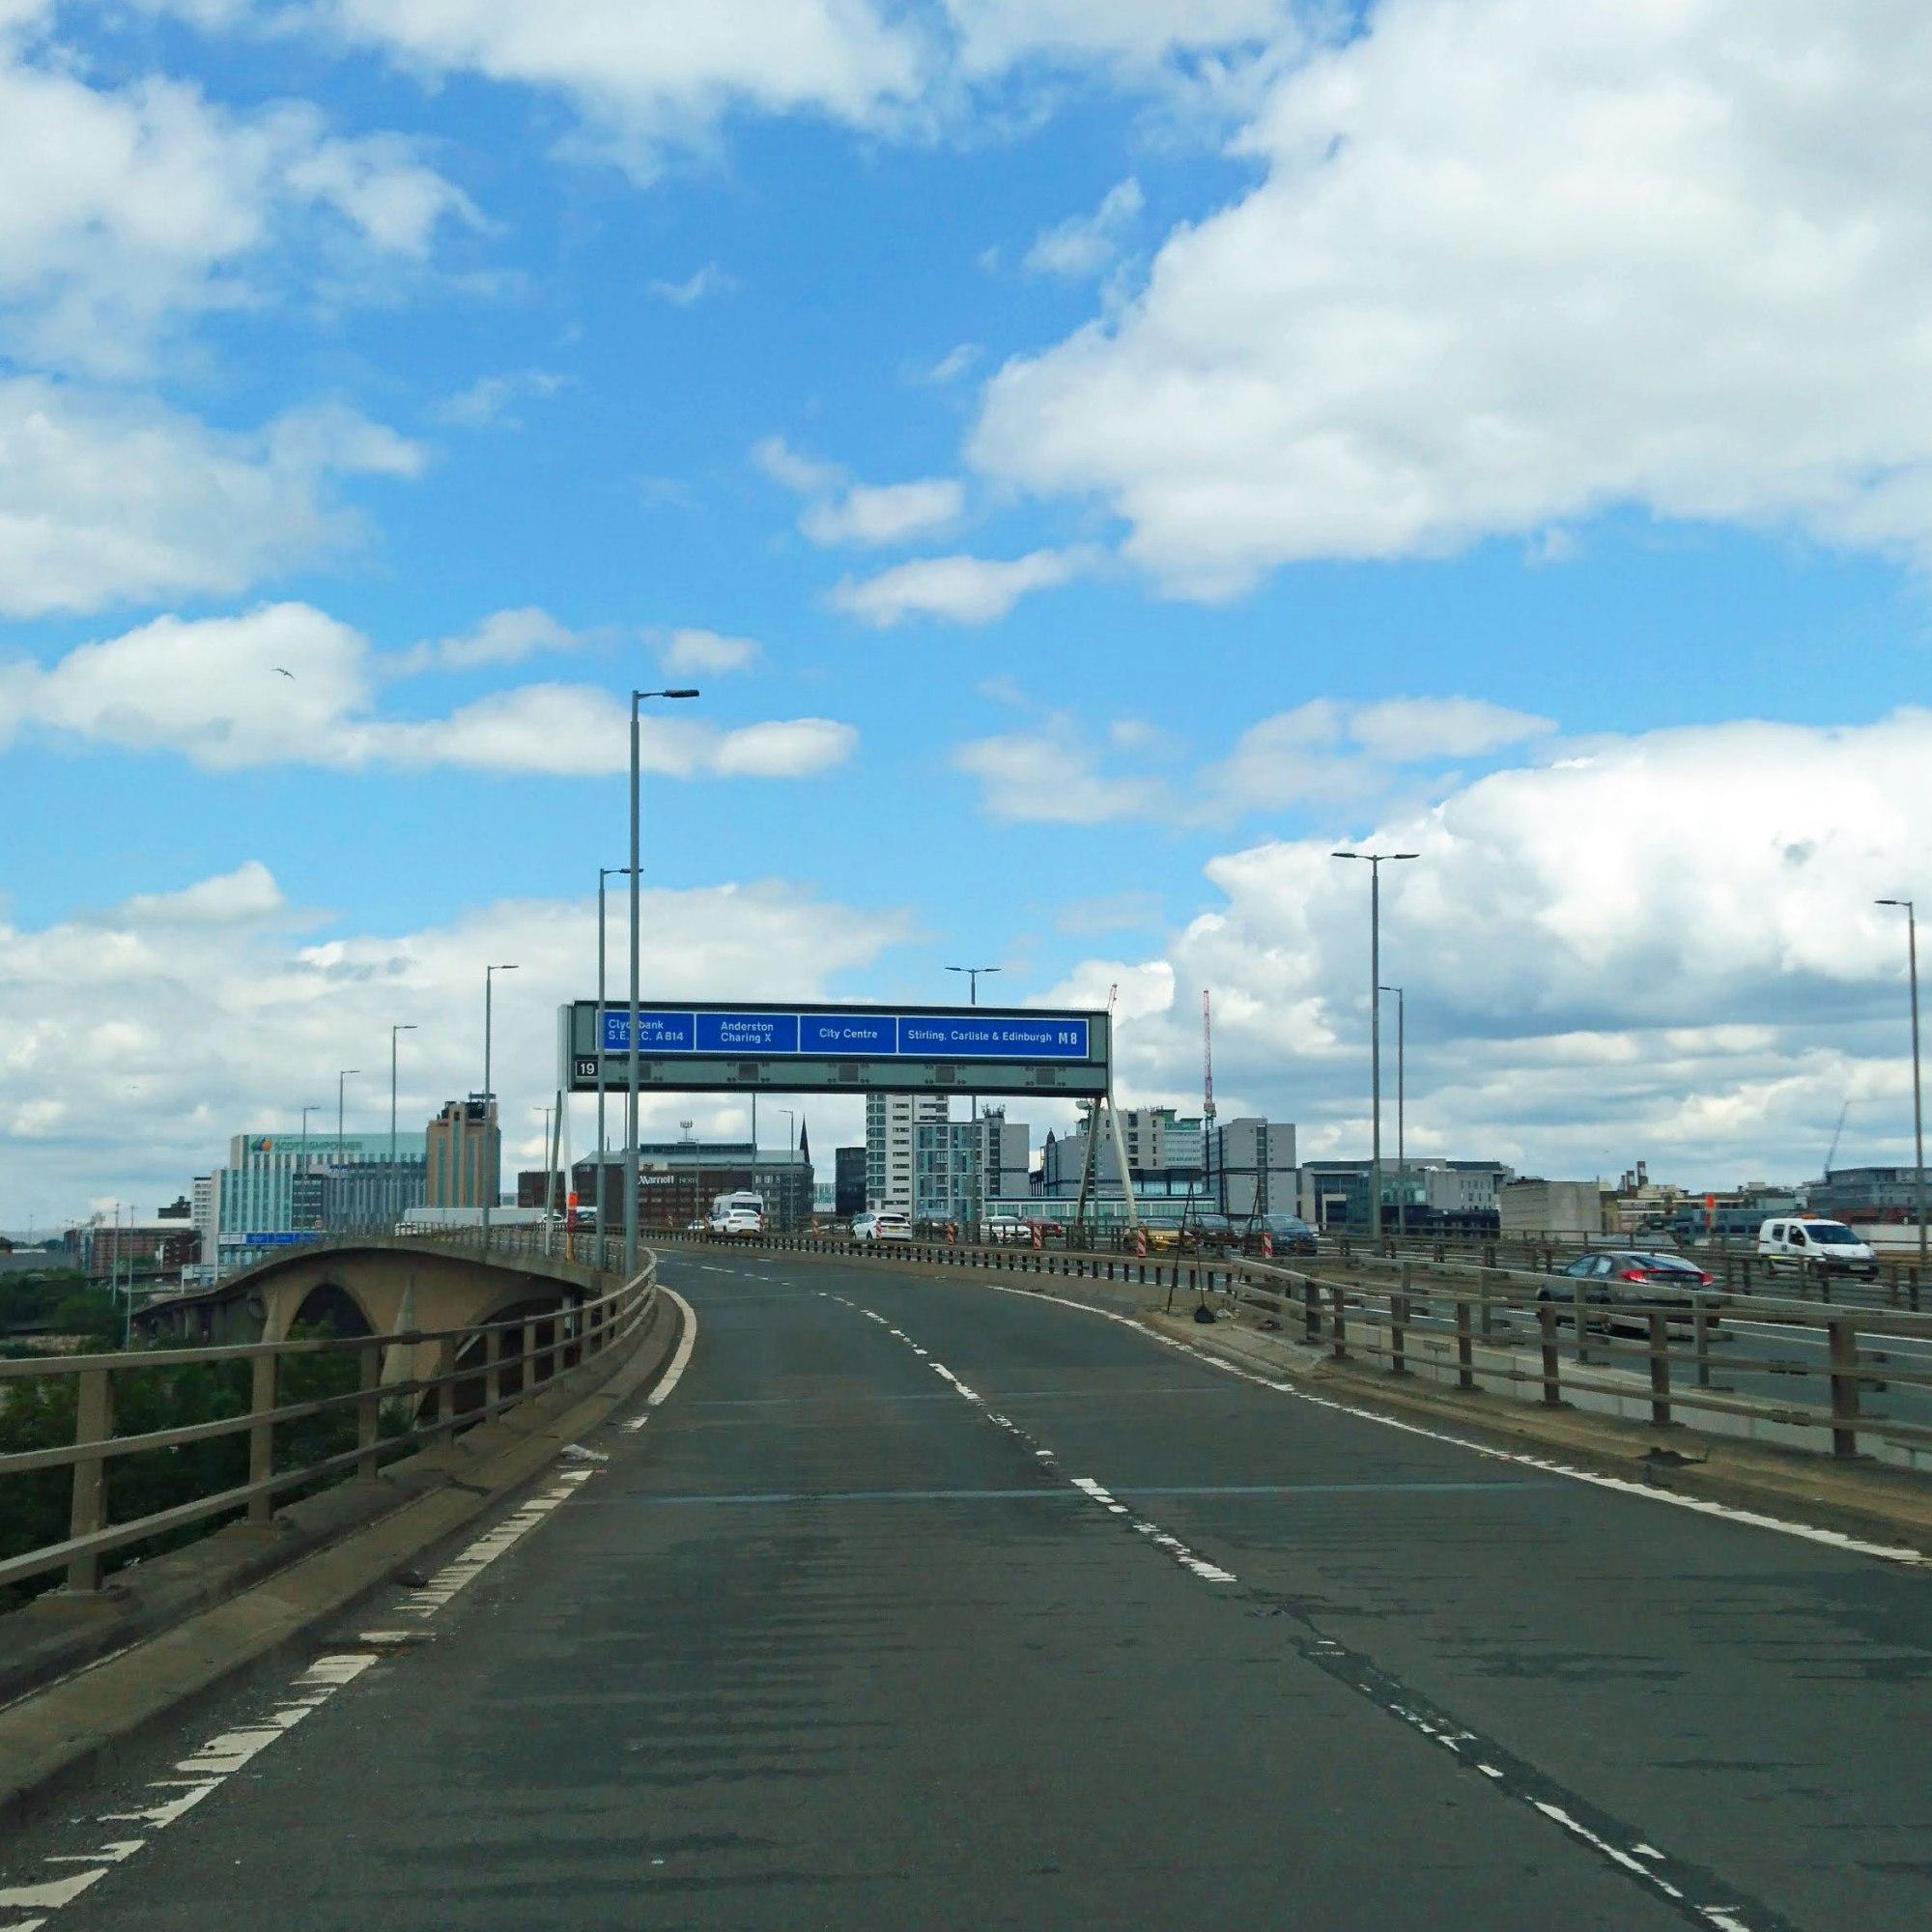 从南侧驾车驶过金斯敦大桥